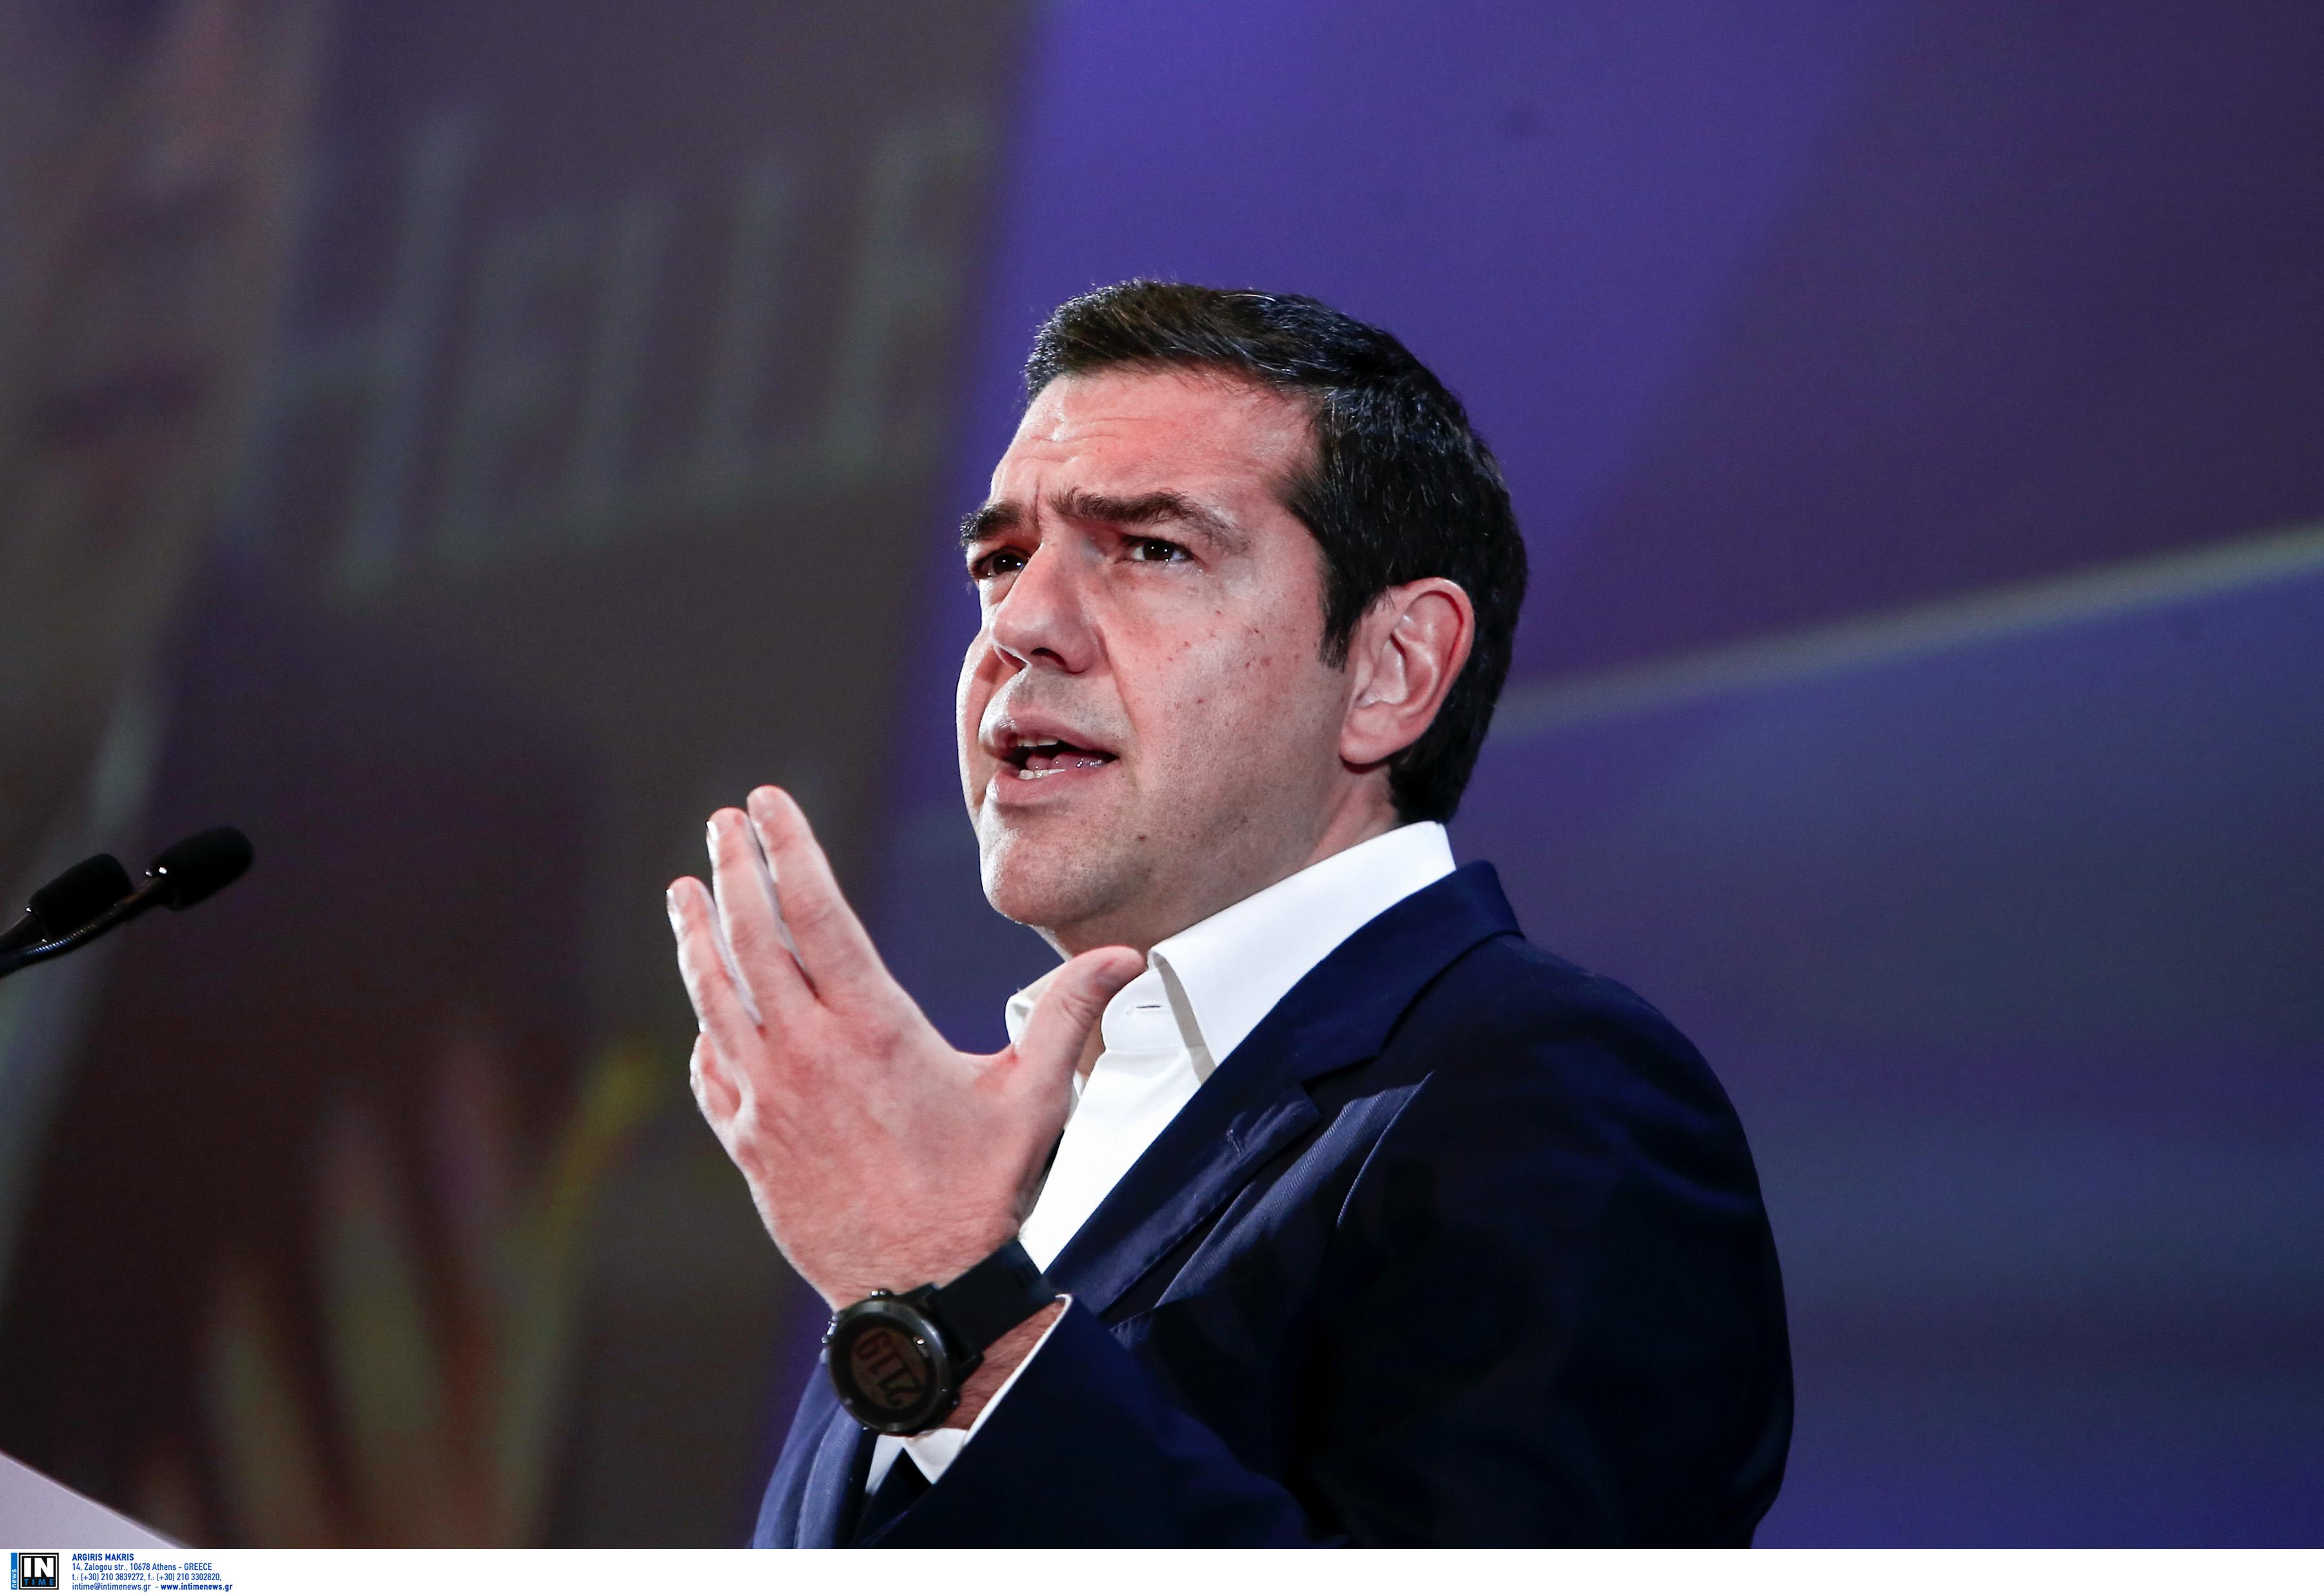 Τσίπρας: Να καταλάβει η Τουρκία ότι έτσι, δεν χτίζονται καλές σχέσεις